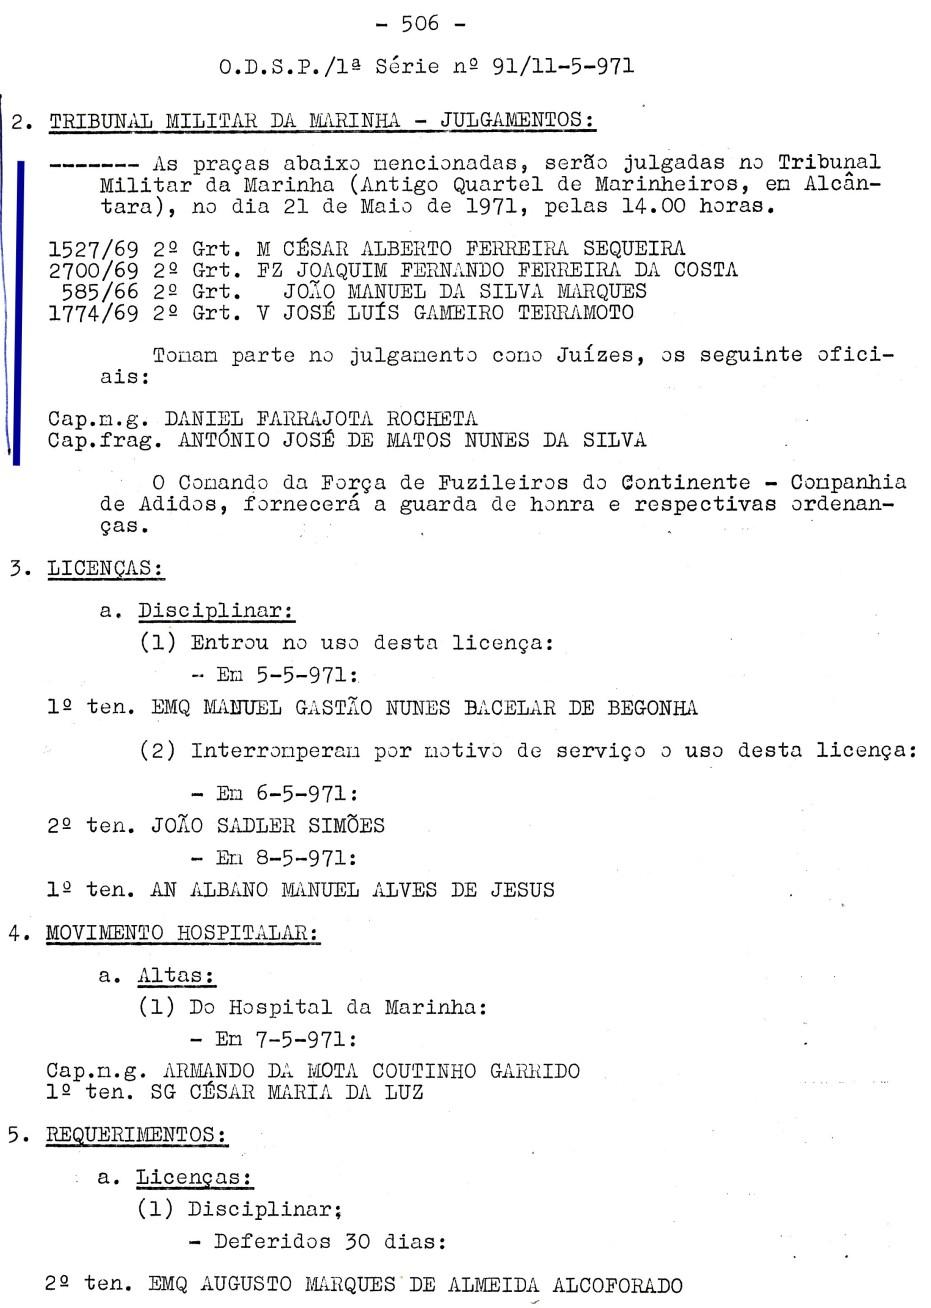 00560 971-05-21 Juíz de julgamento de 4 praças no Tribunal Militar de Marinha em 21-5-71 -ODSP 1ª S 91 de 11-5